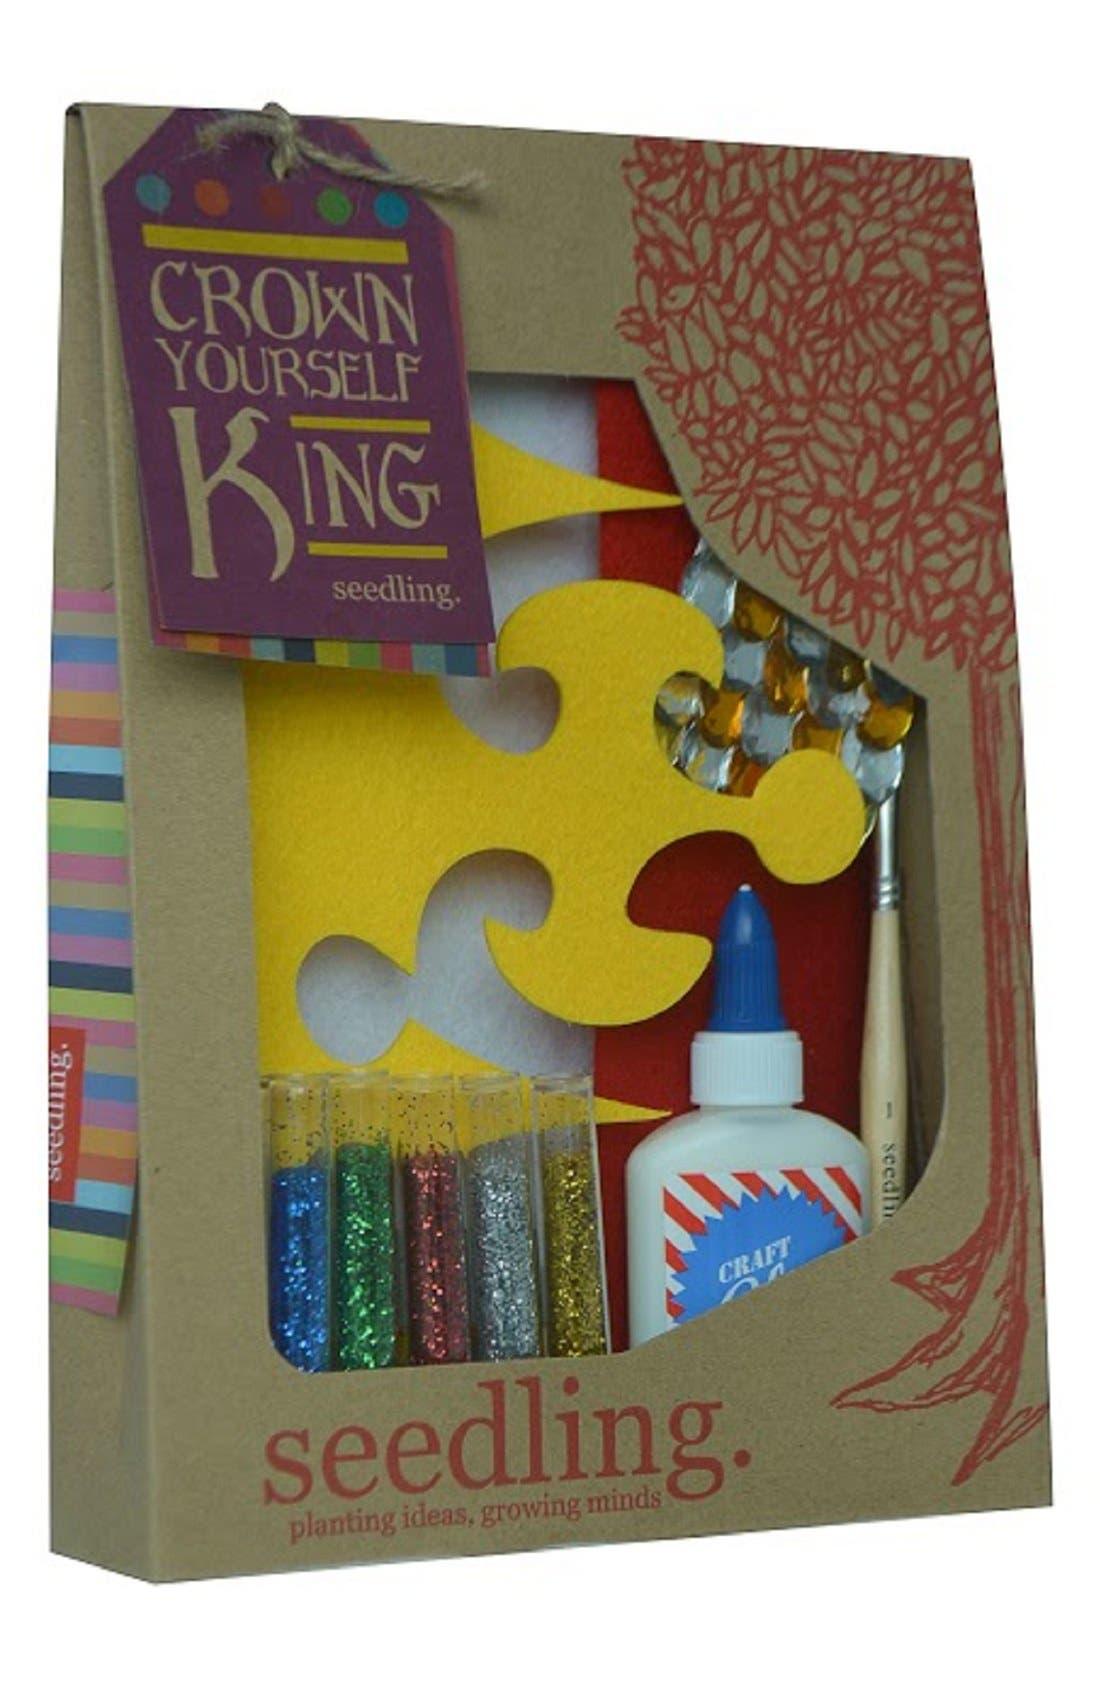 seedling 'Crown Yourself King' DIY Craft Set